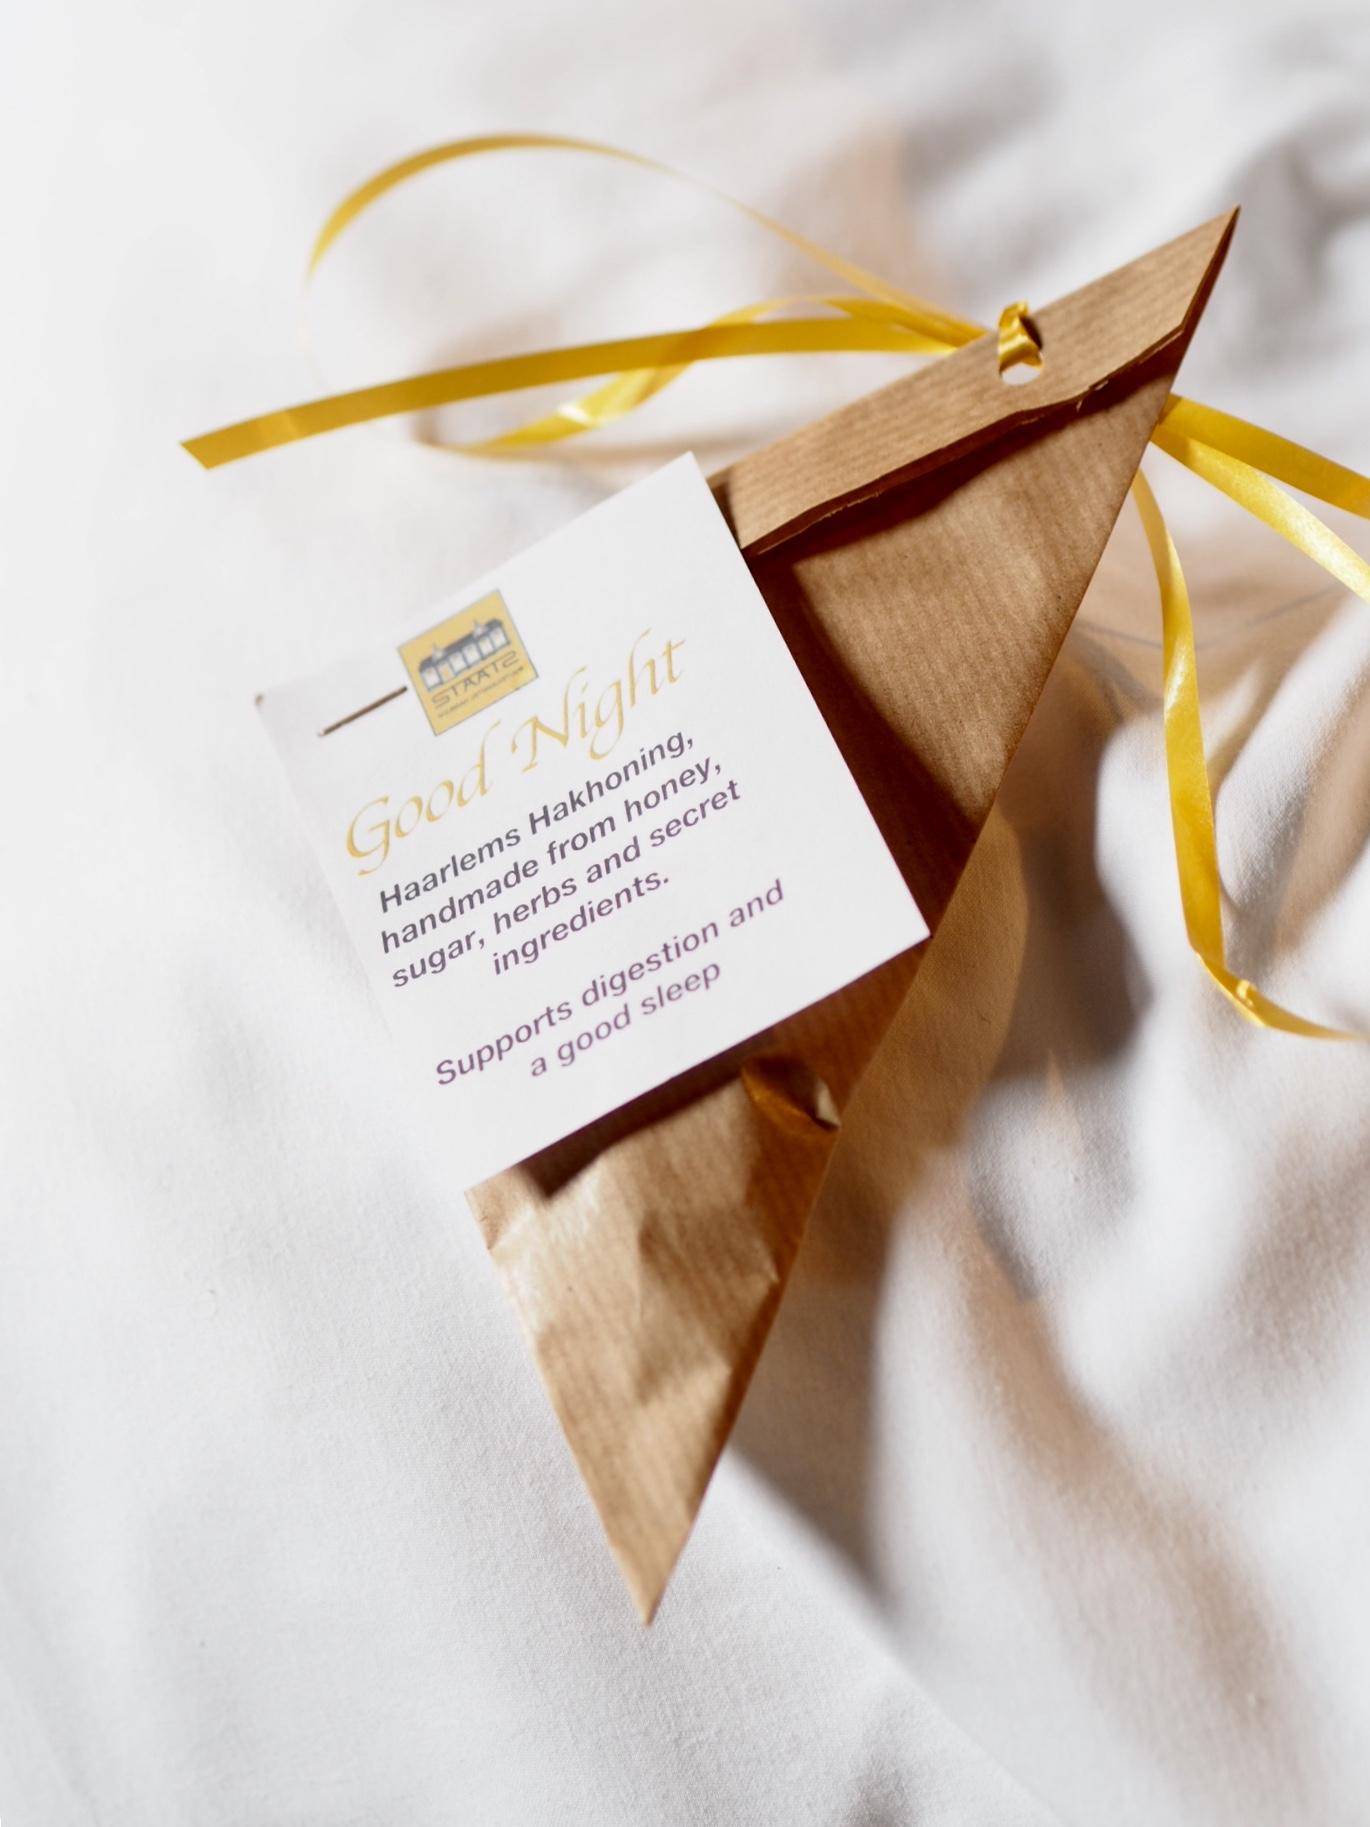 Een papieren zakje met geel lint en een tekstje dat honing rustgevend werkt, voor het slapen gaan.